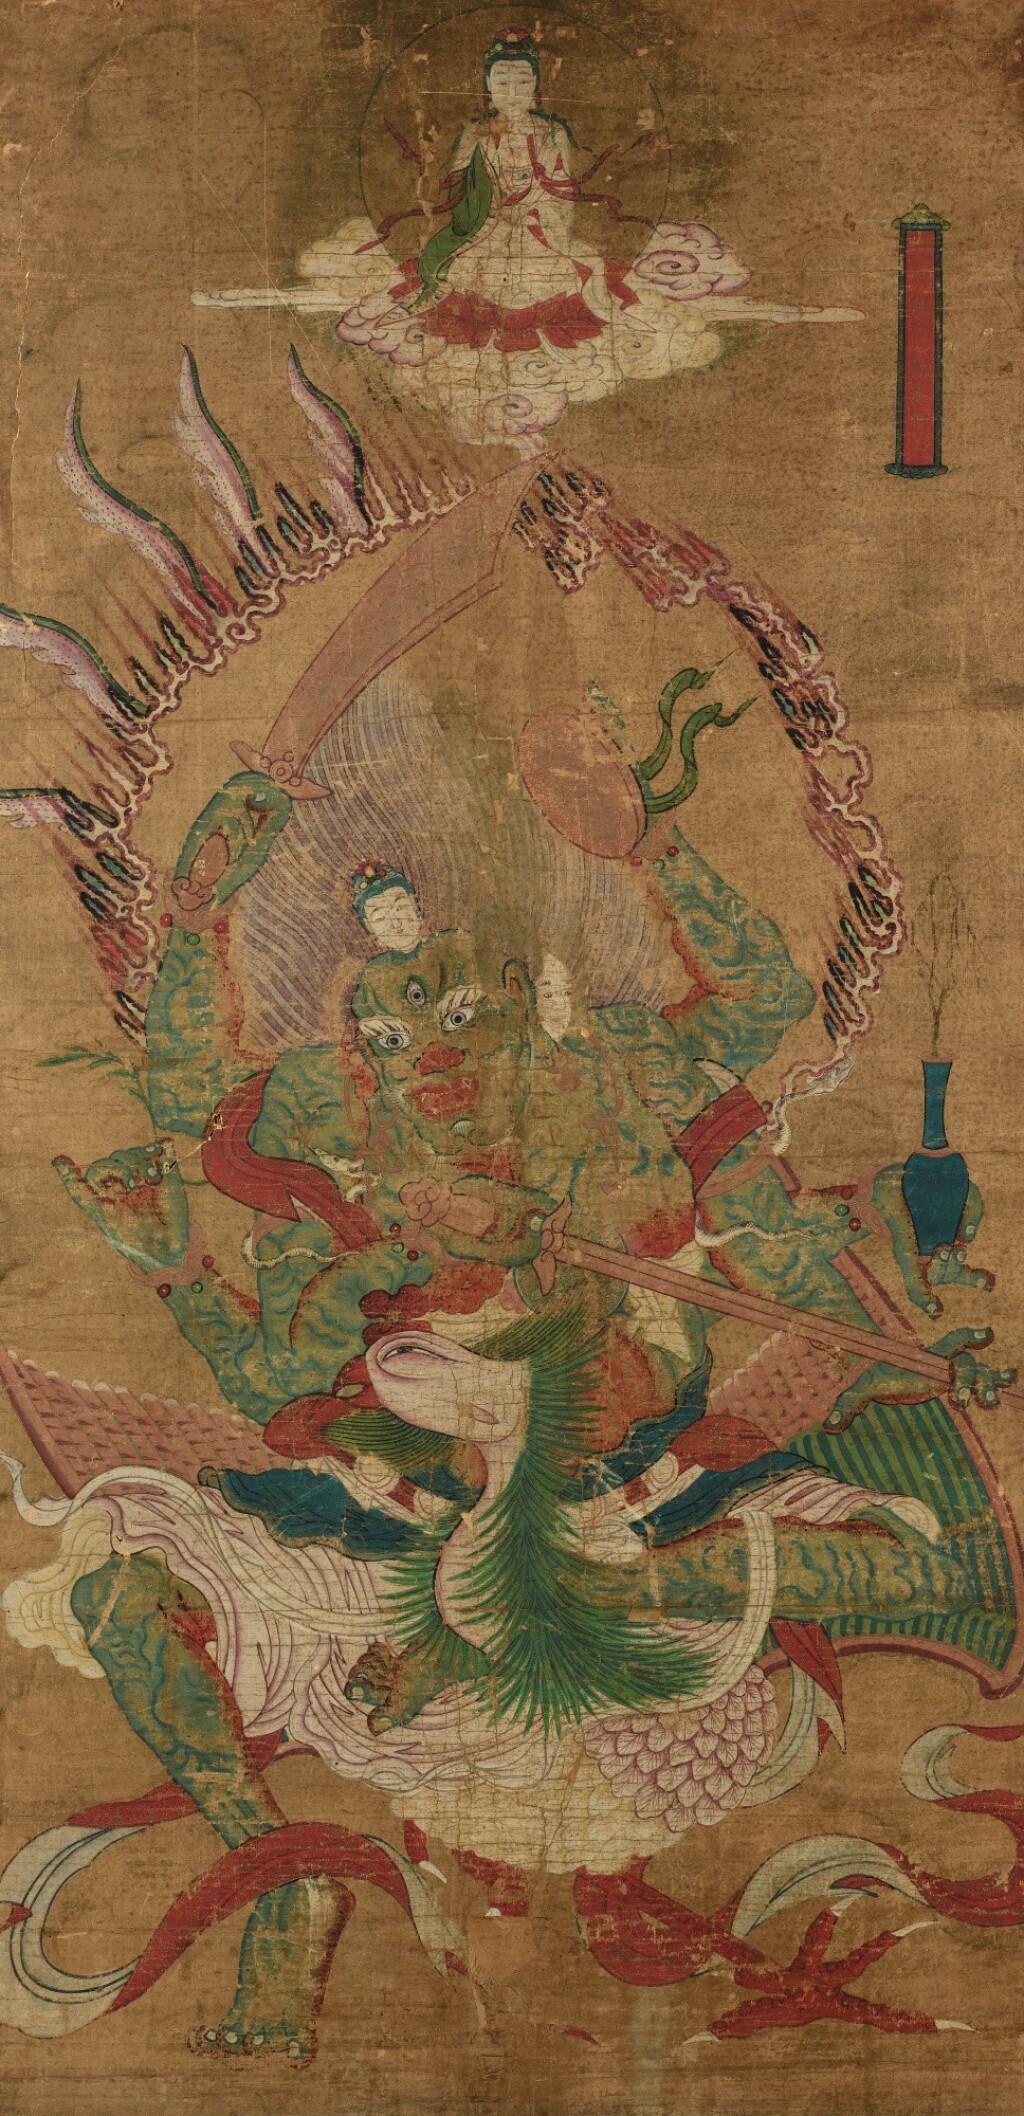 BODHISATTVA AVALOKITESVARA ET VIDYARAJA DYNASTIE MING | 明 南無觀世音菩薩及明王像 設色紙本 | Bodhisattva Avalokitesvara and Vidyaraja  Ming Dynasty